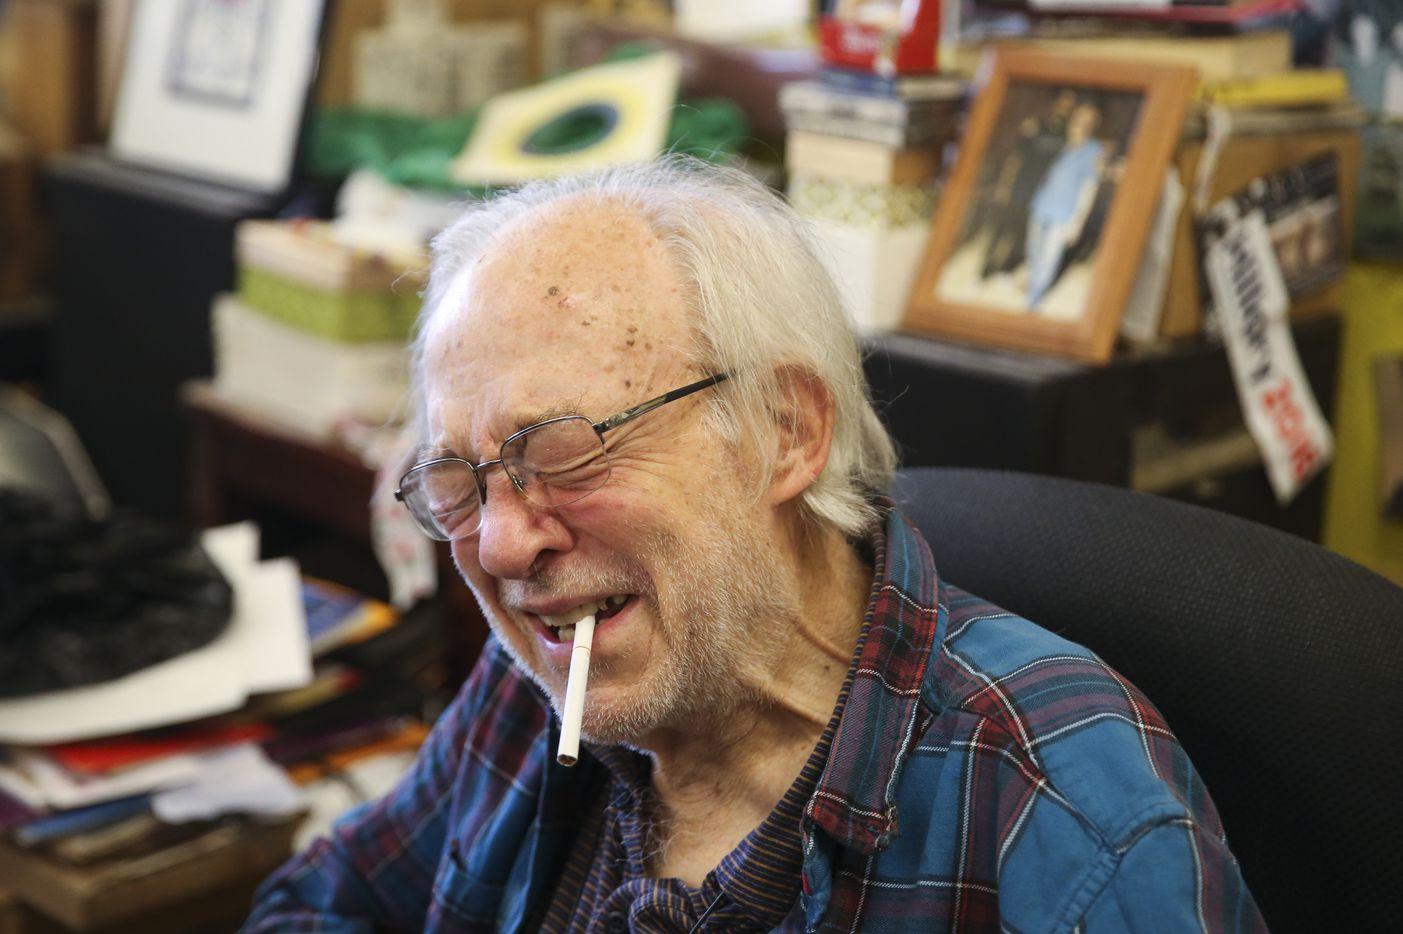 Bill Wisener smokes a cigarette Friday, Nov. 30, 2018 at his store, Bill's Records, in Dallas.